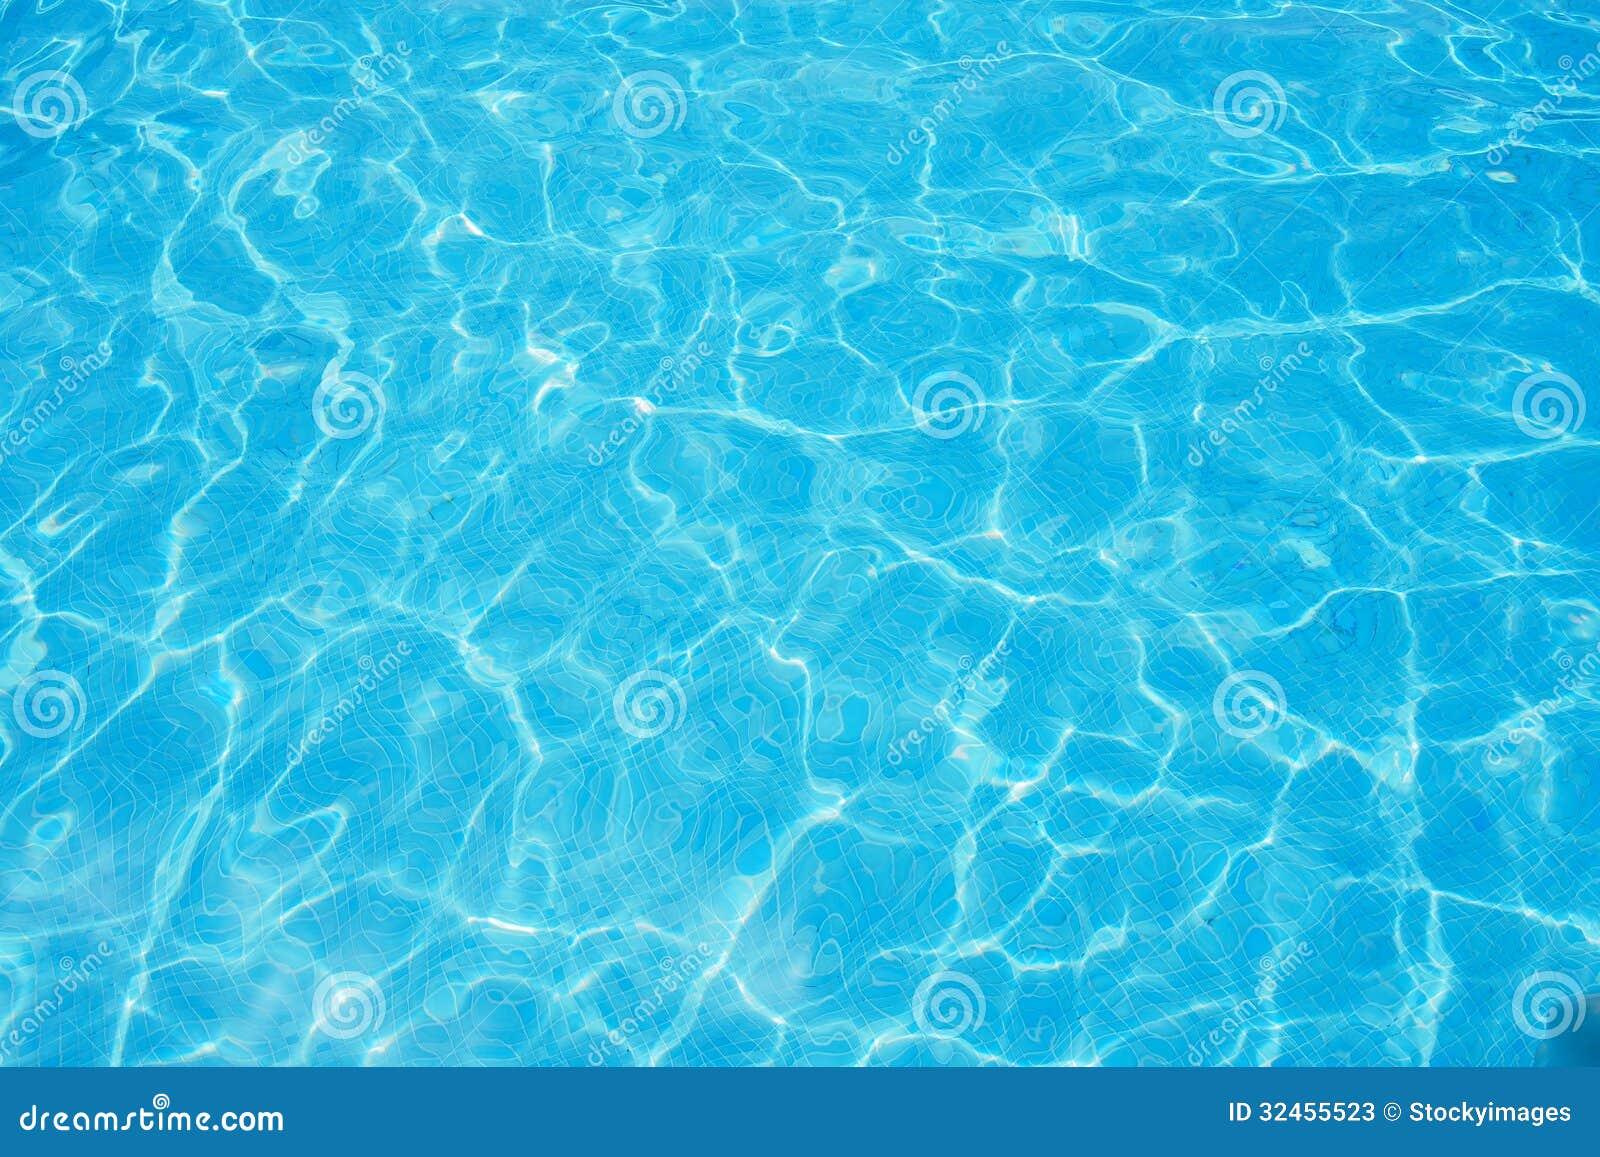 Piscina acqua cristallina immagine stock immagine di for Crystal water piscinas